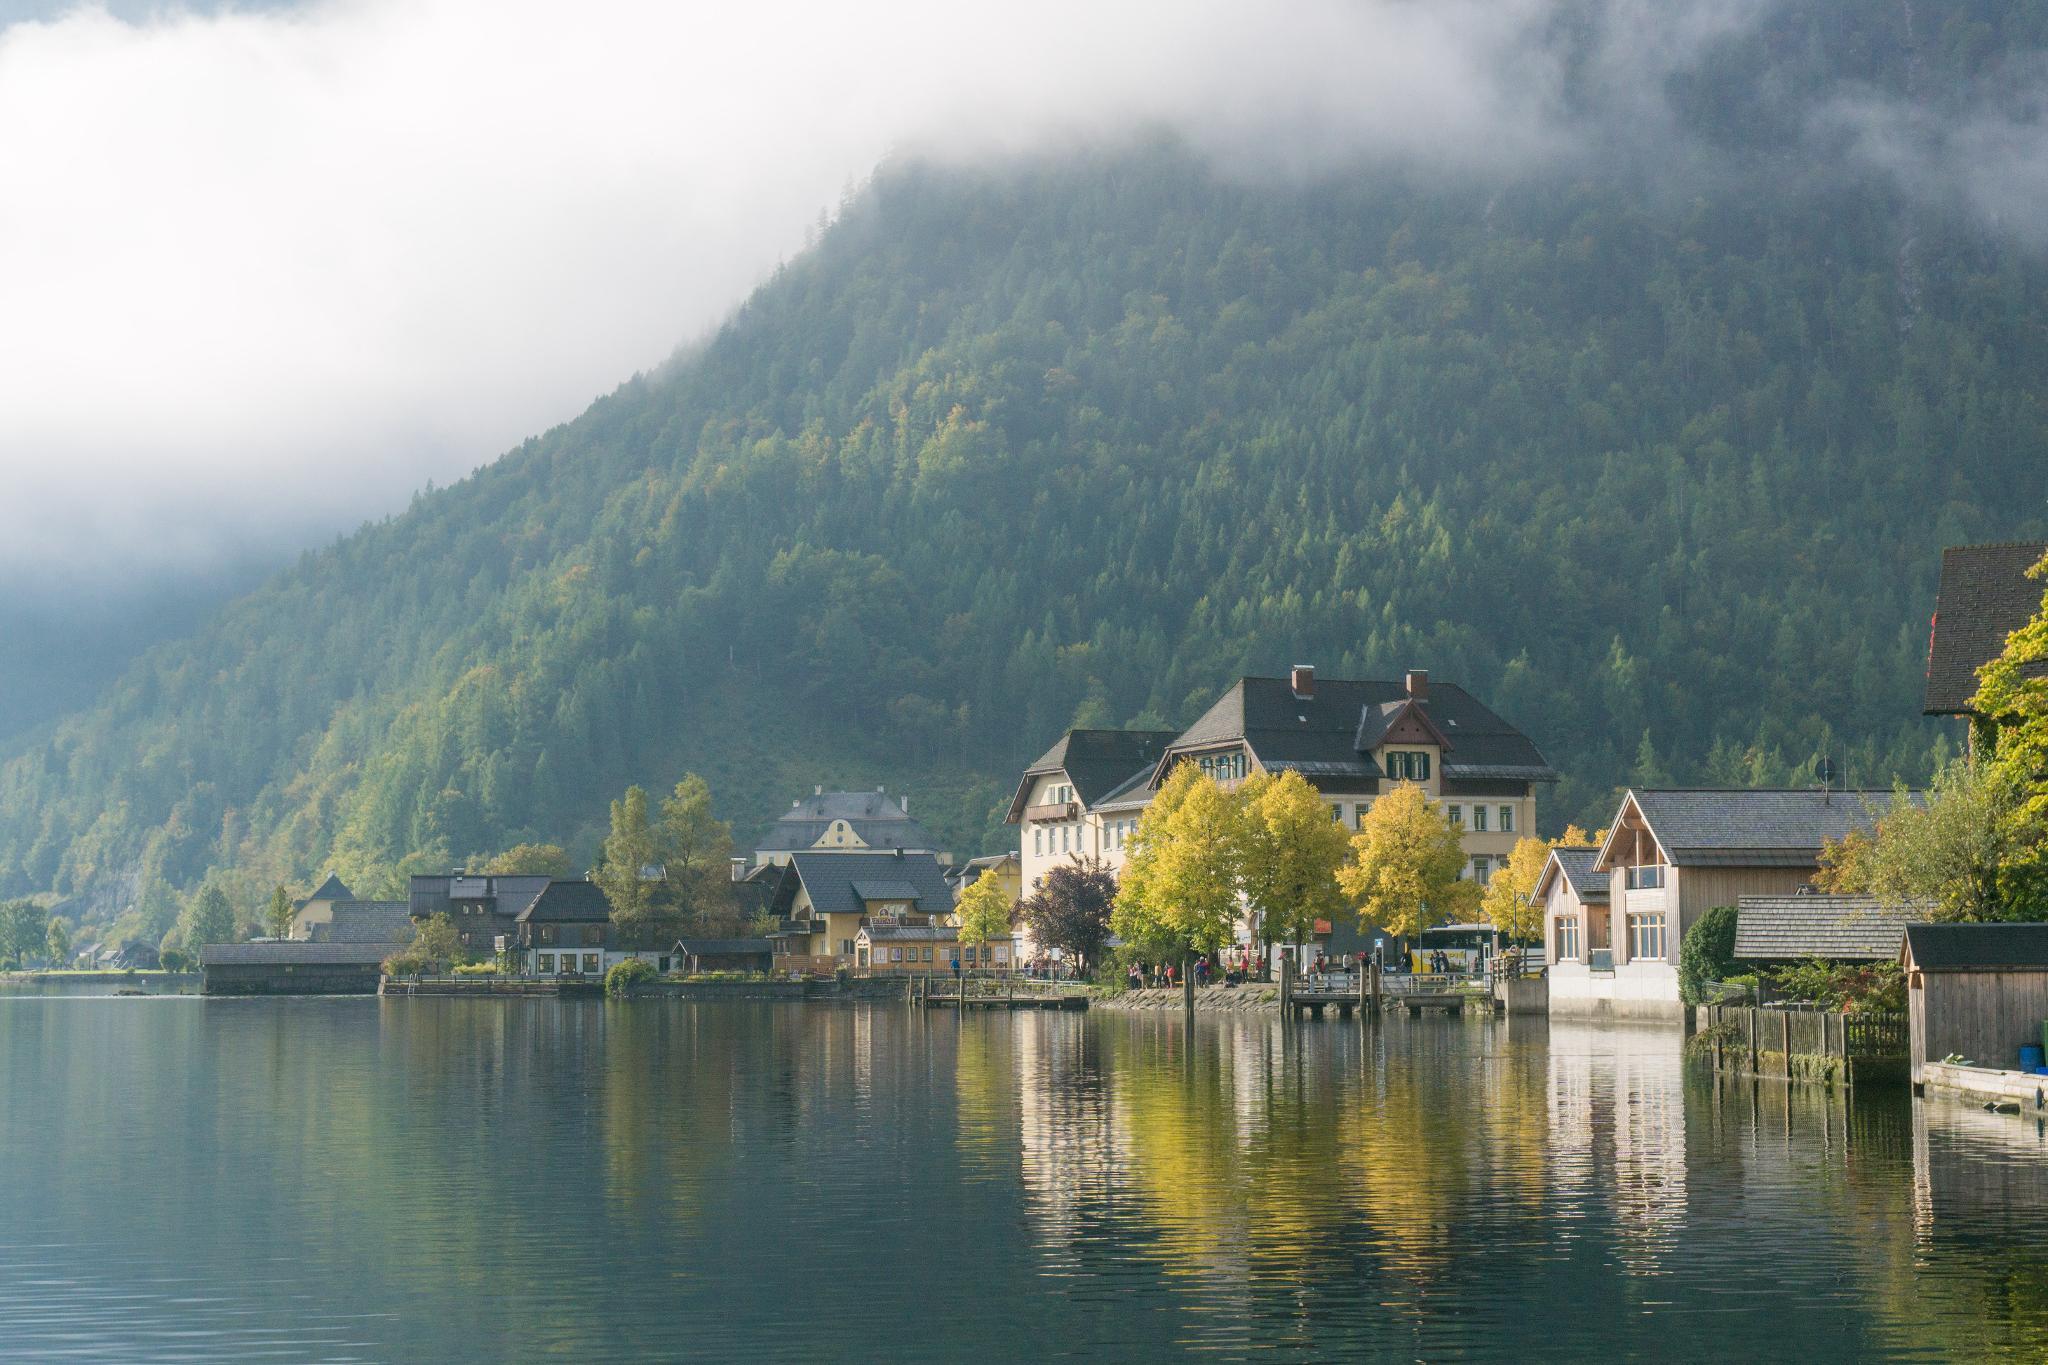 【奧地利】童話仙境 Hallstatt 哈修塔特 — 追逐世界遺產小鎮的夢幻黃金日出 26